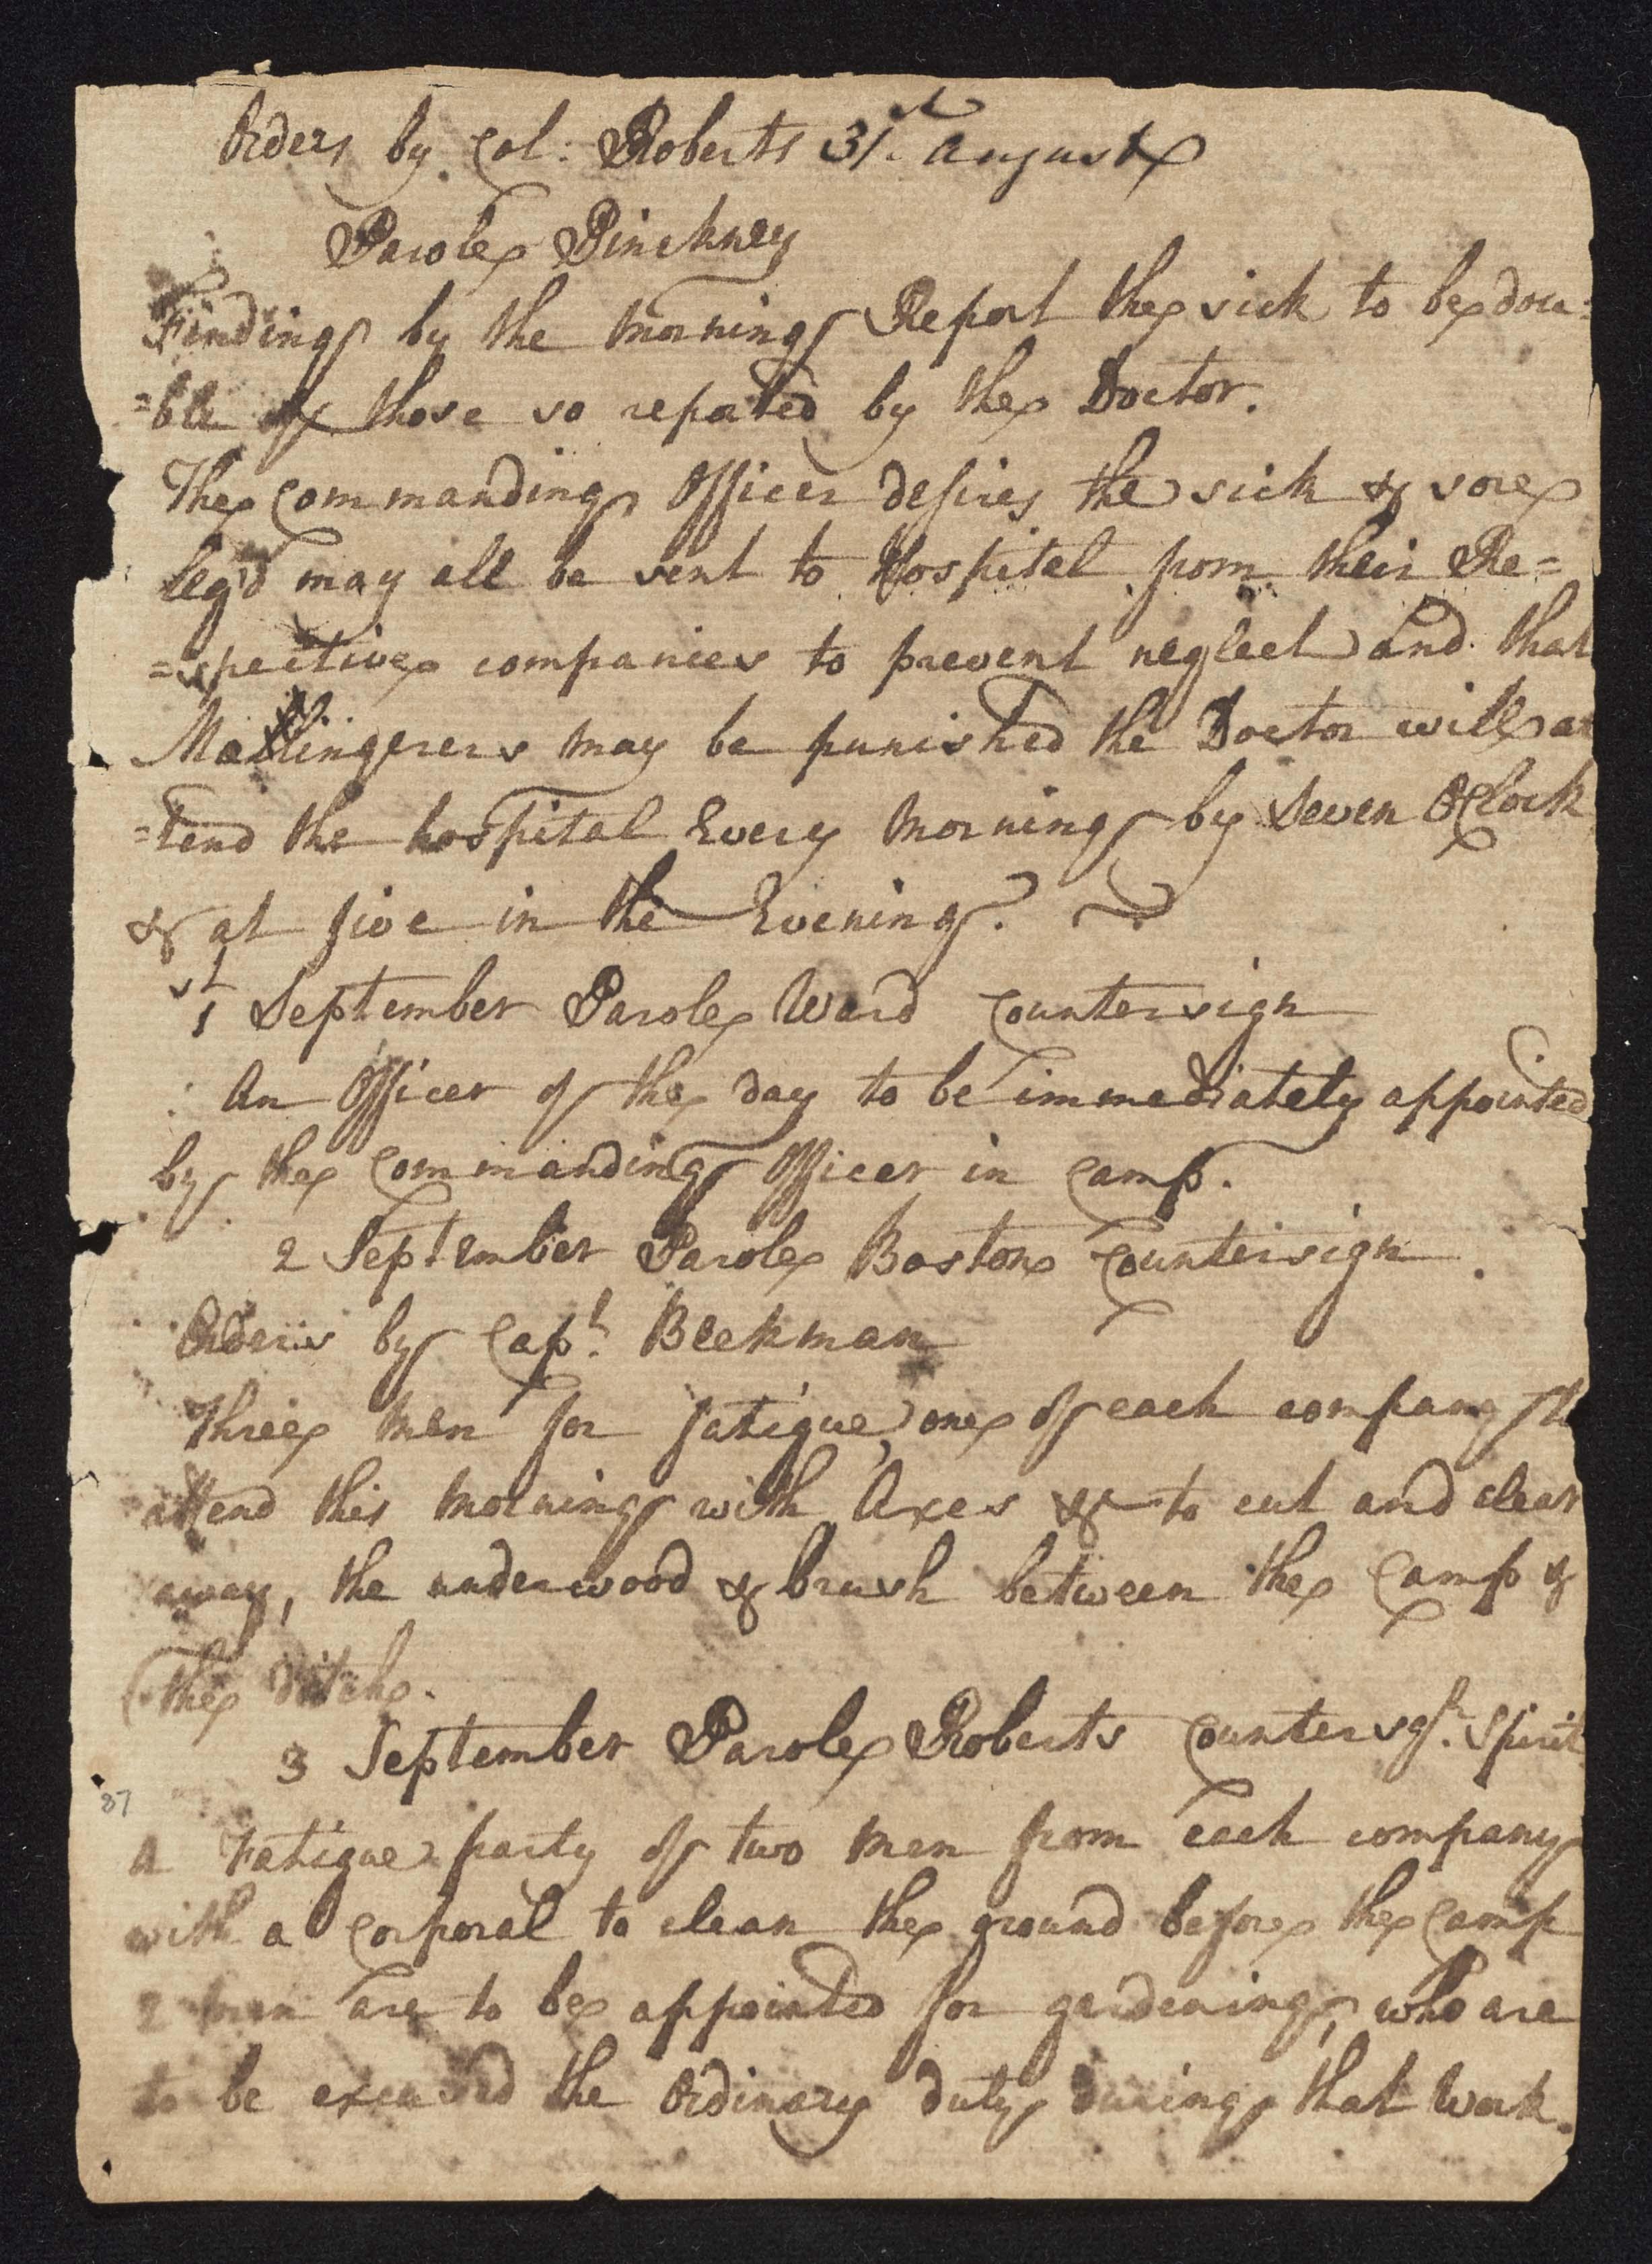 South Carolina Regiment Order Book, Page 173